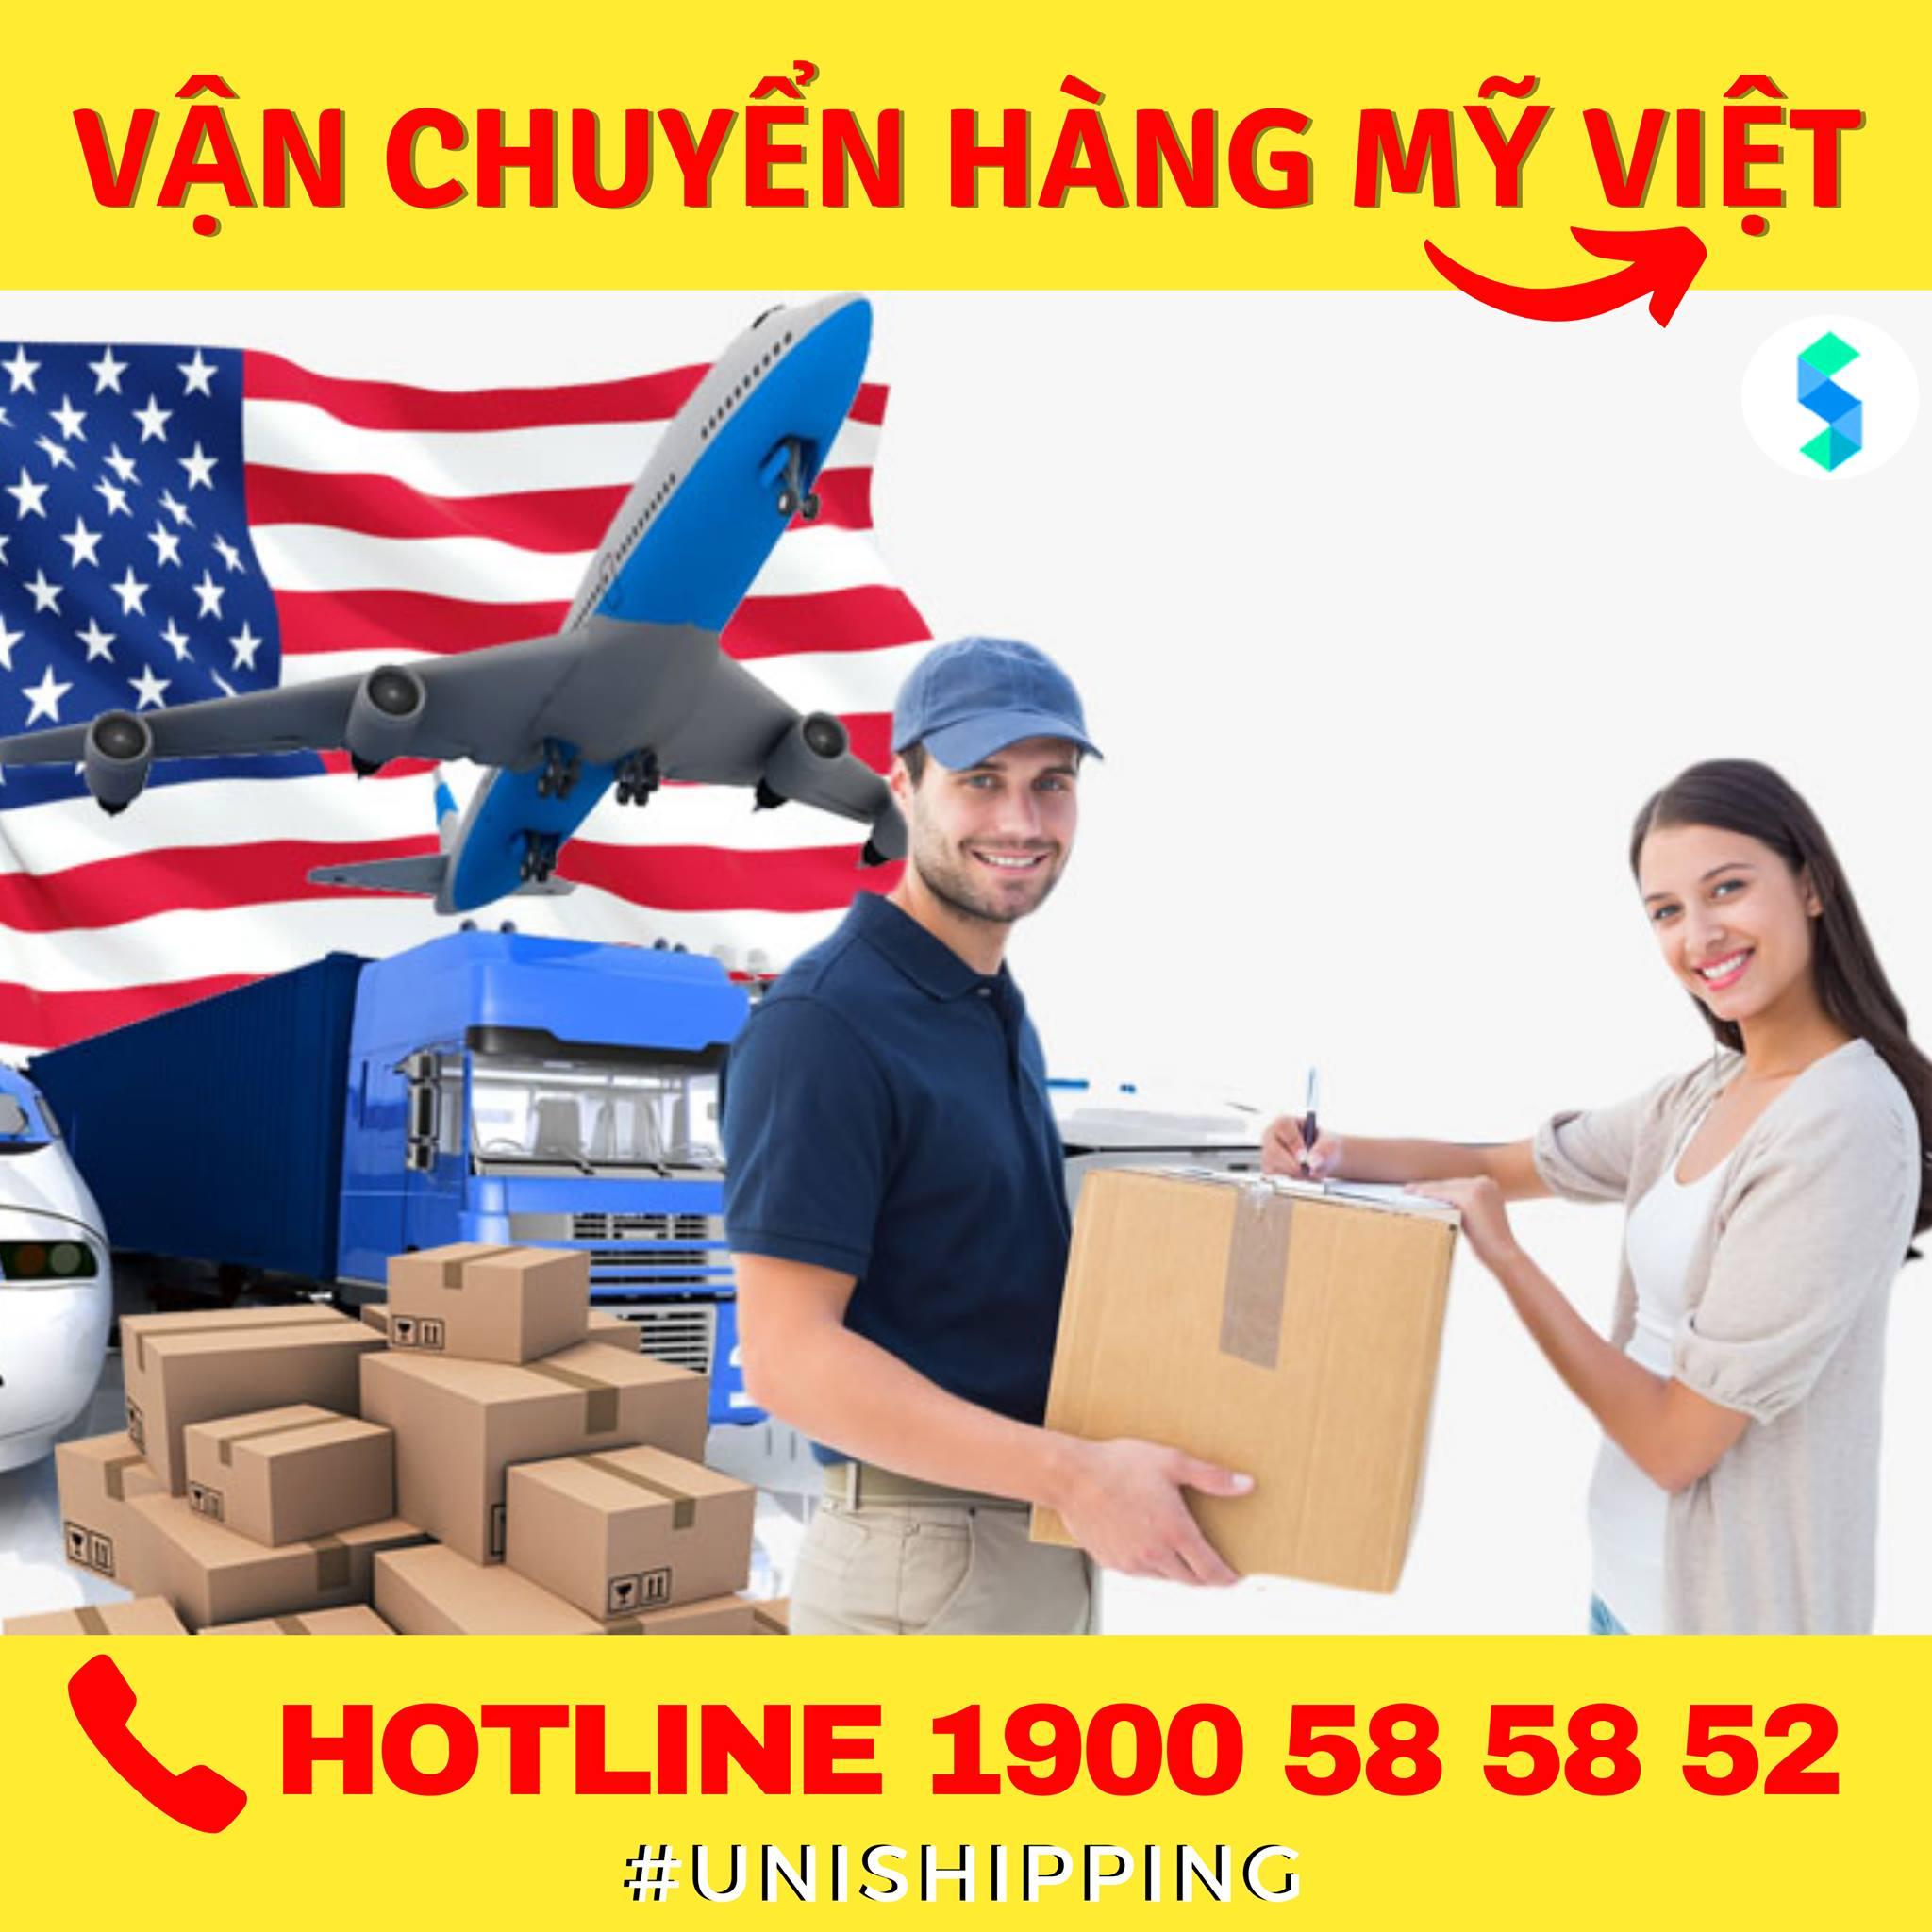 Unishipping- dịch vụ vận chuyển hàng Mỹ - Việt